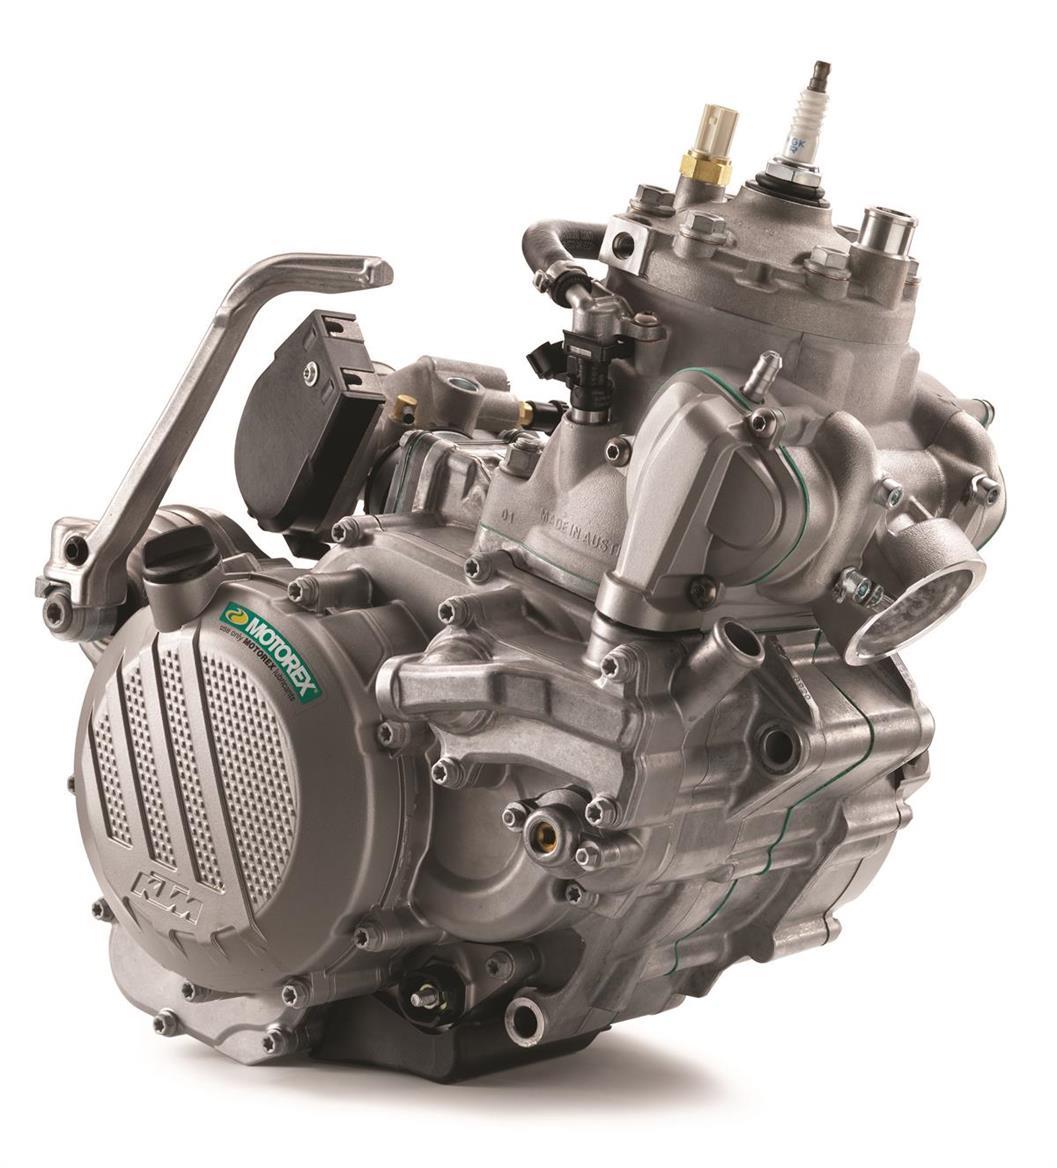 Ktm Fuel Injection on Ktm 250 Engine Diagram